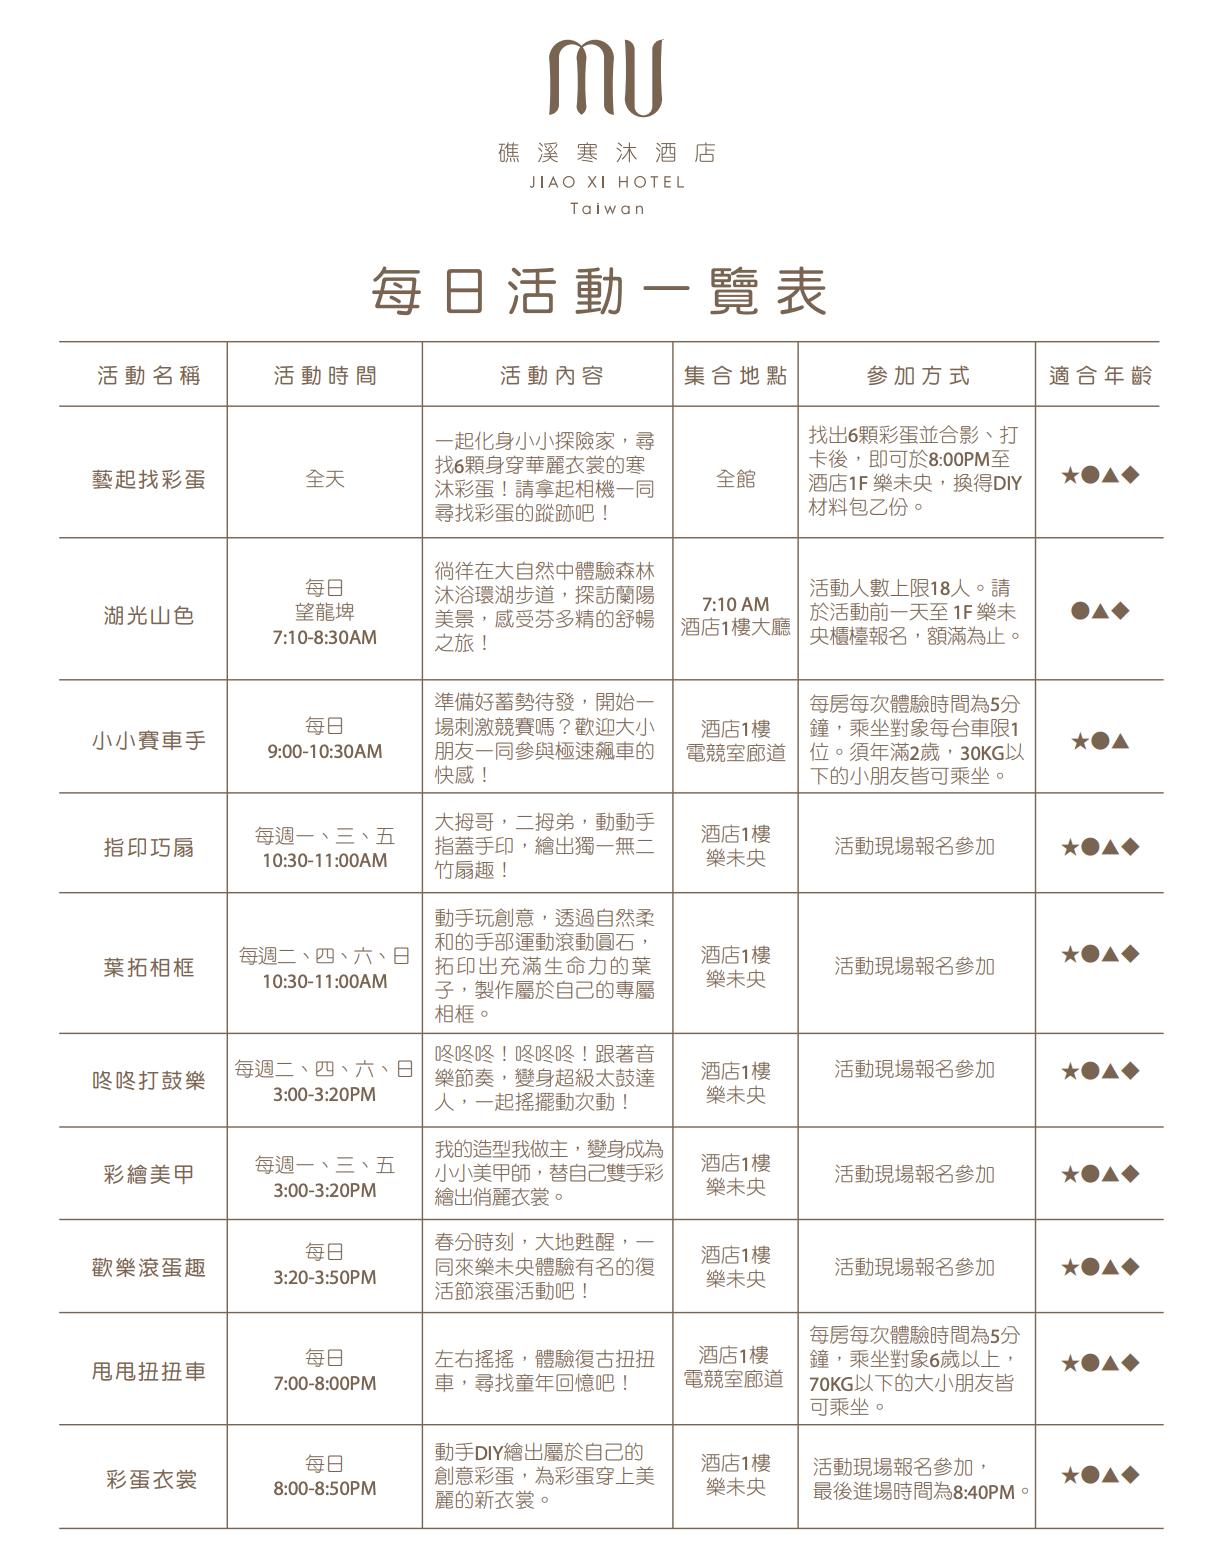 寒沐酒店春季活動一覽表